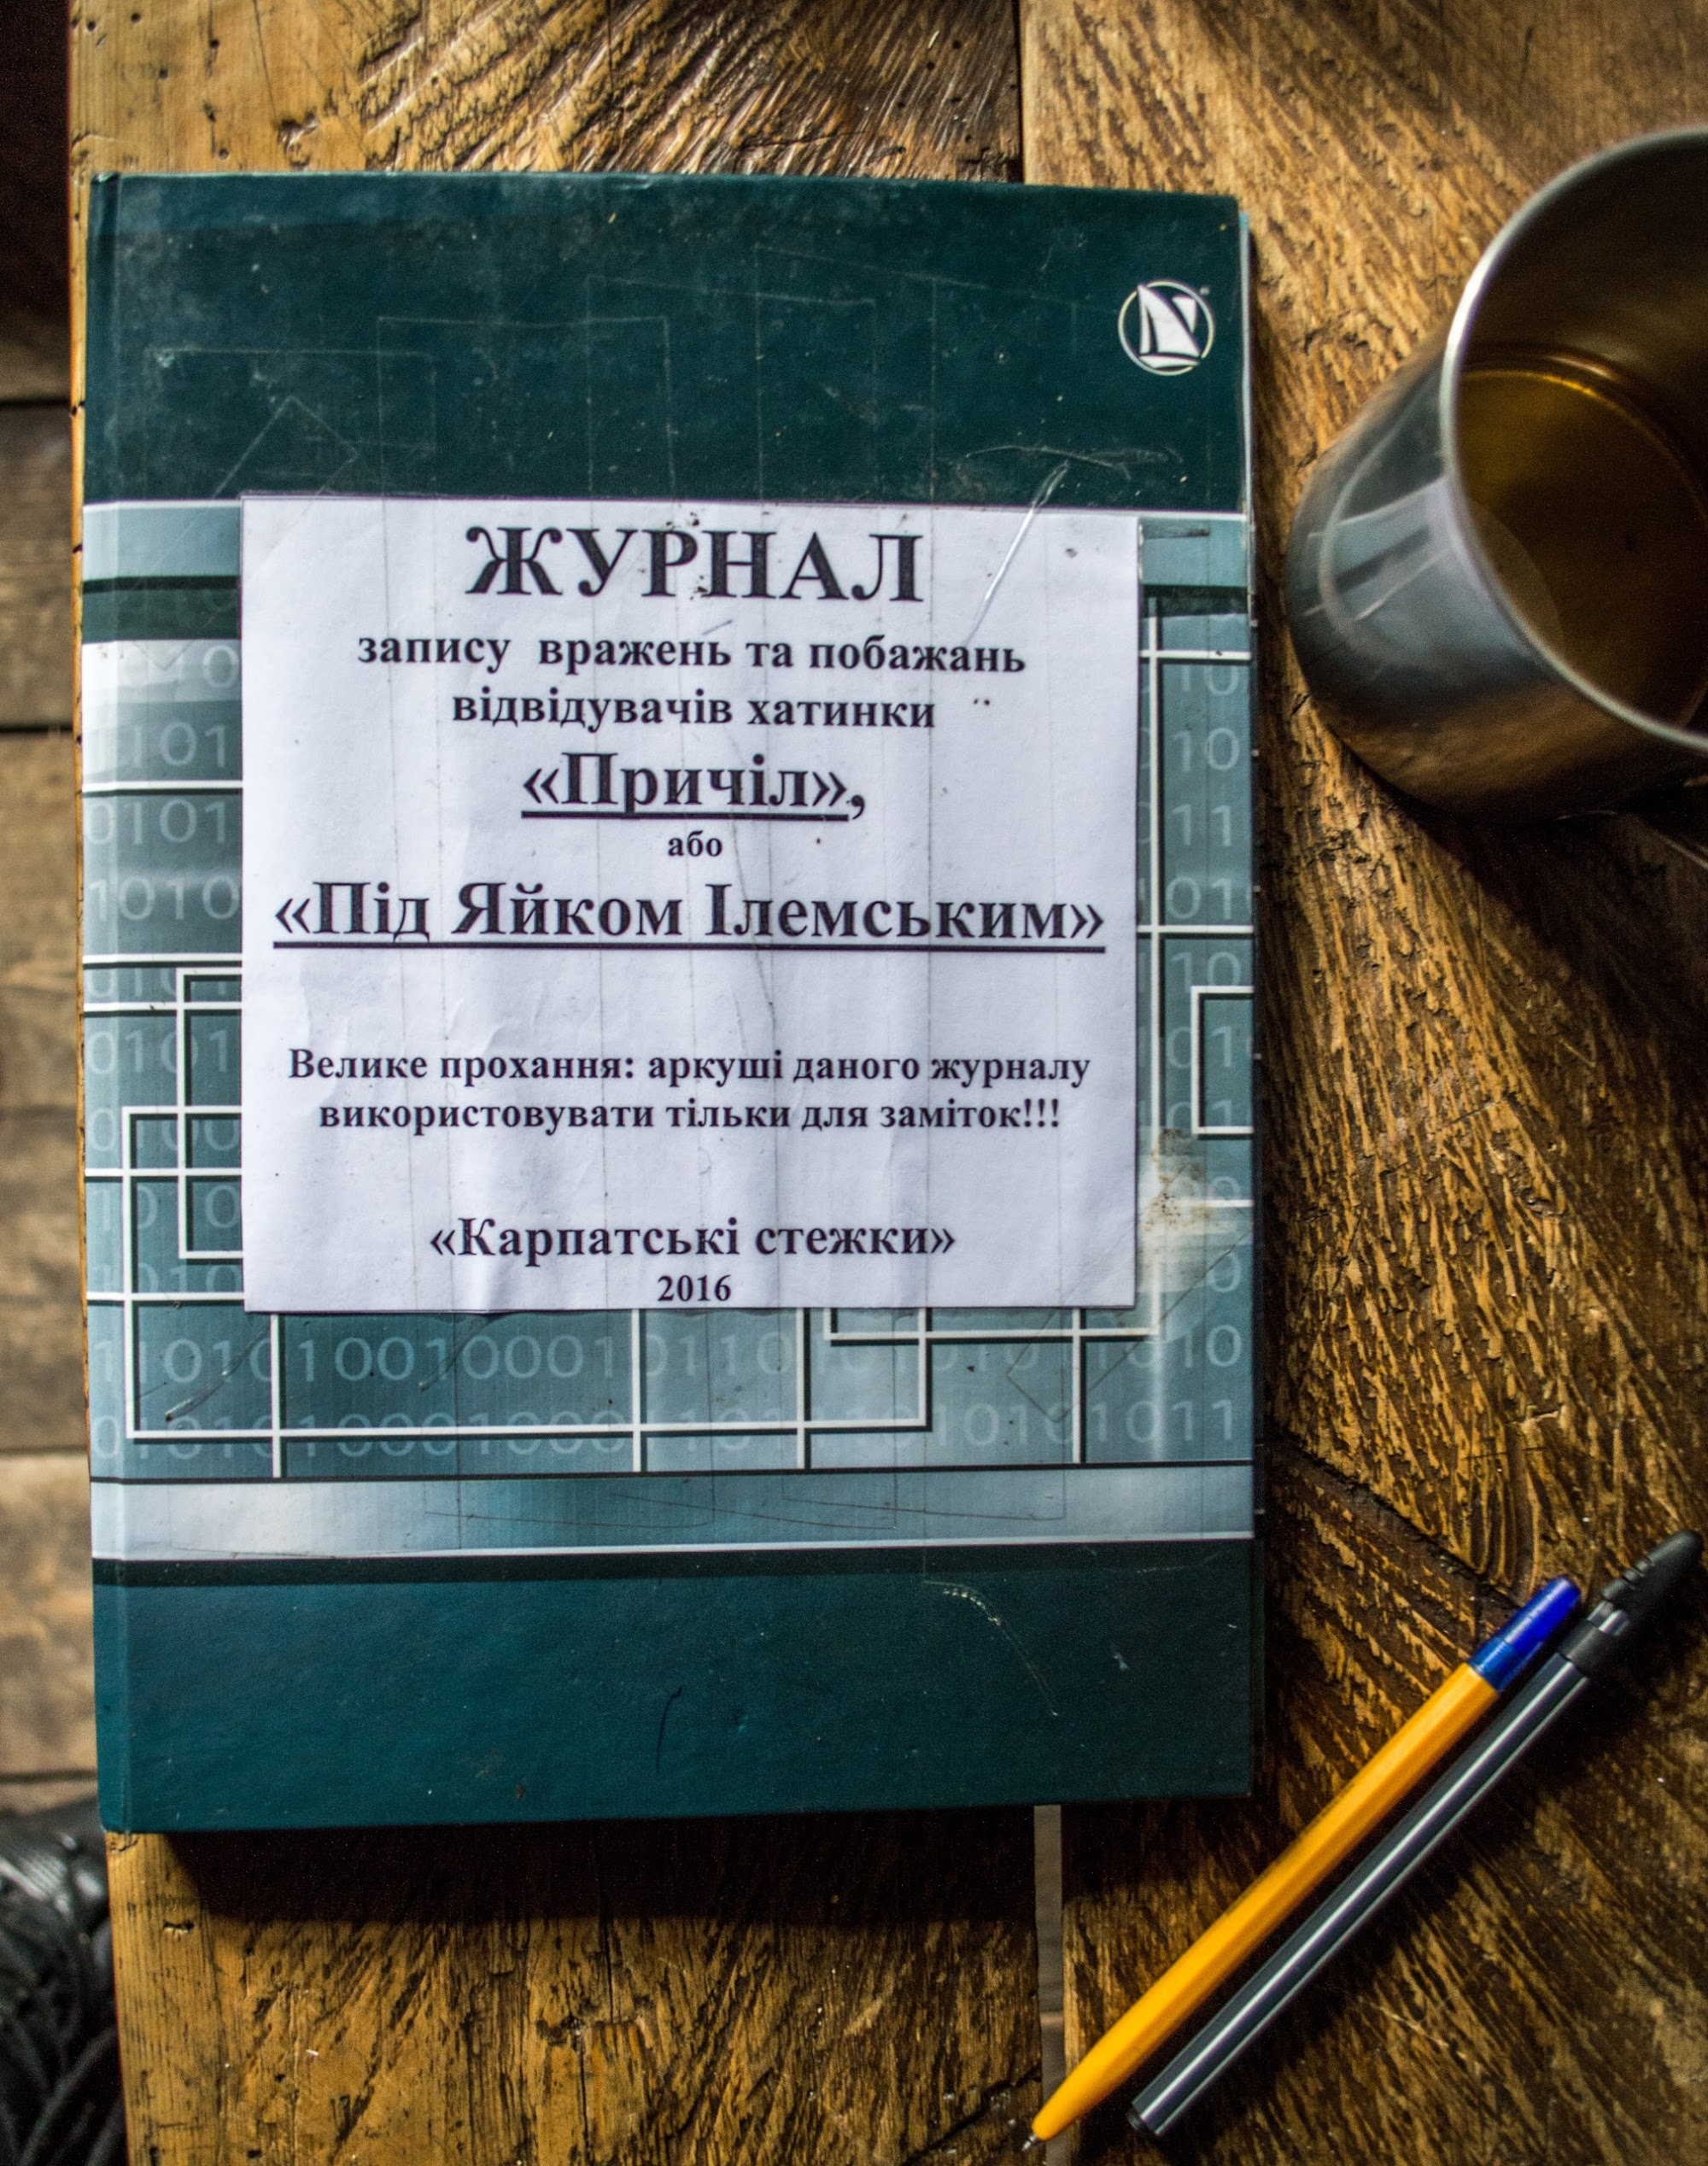 Журнал - Причіл Притулку під Яйком Ілемським